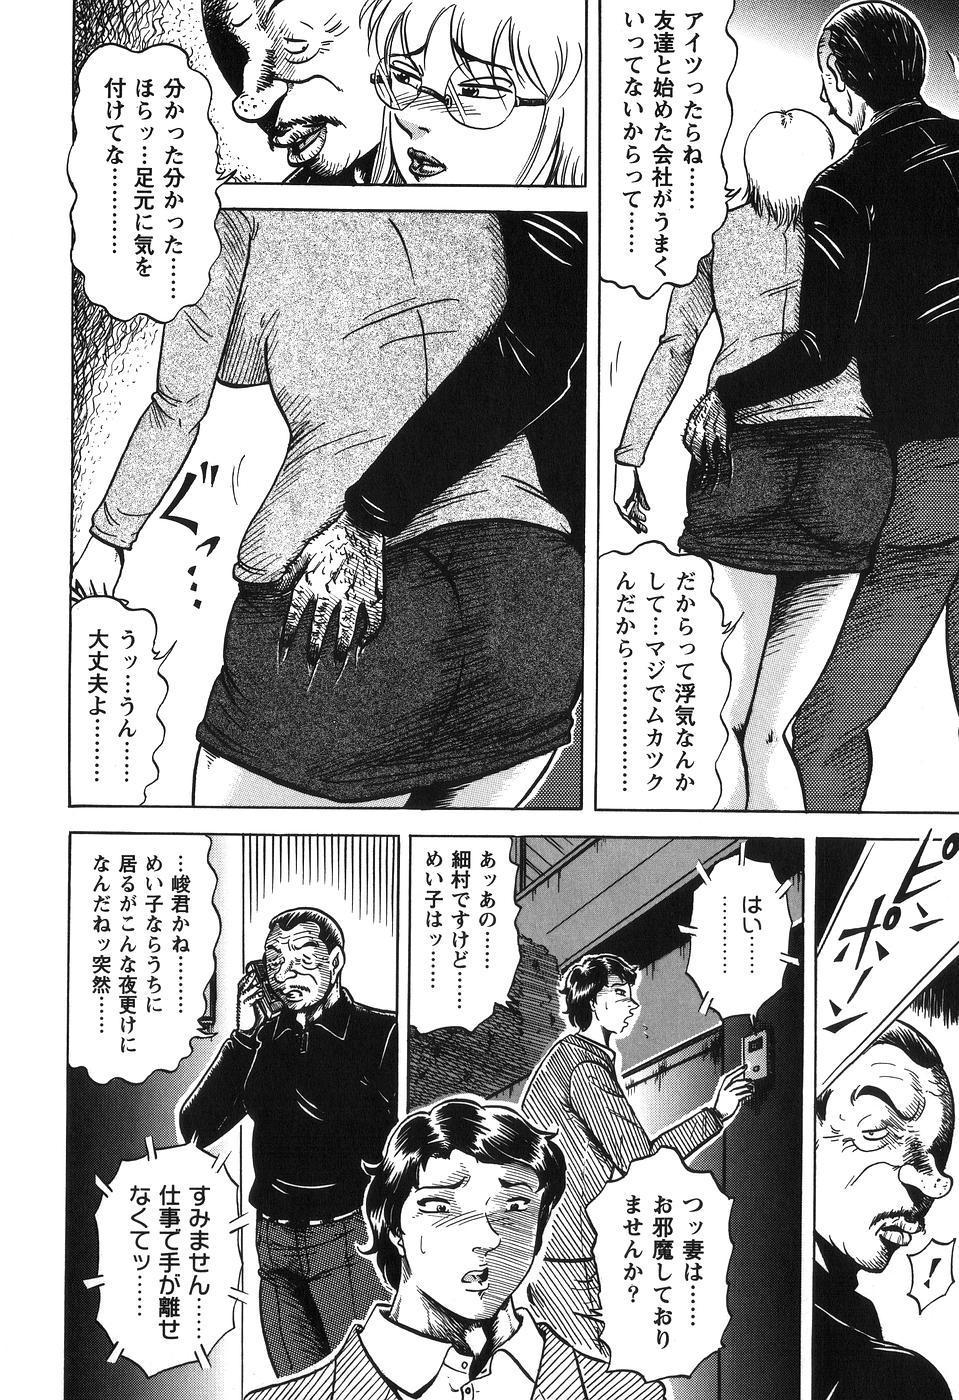 Jukubo Soukan Yosoji no Tawamure 105